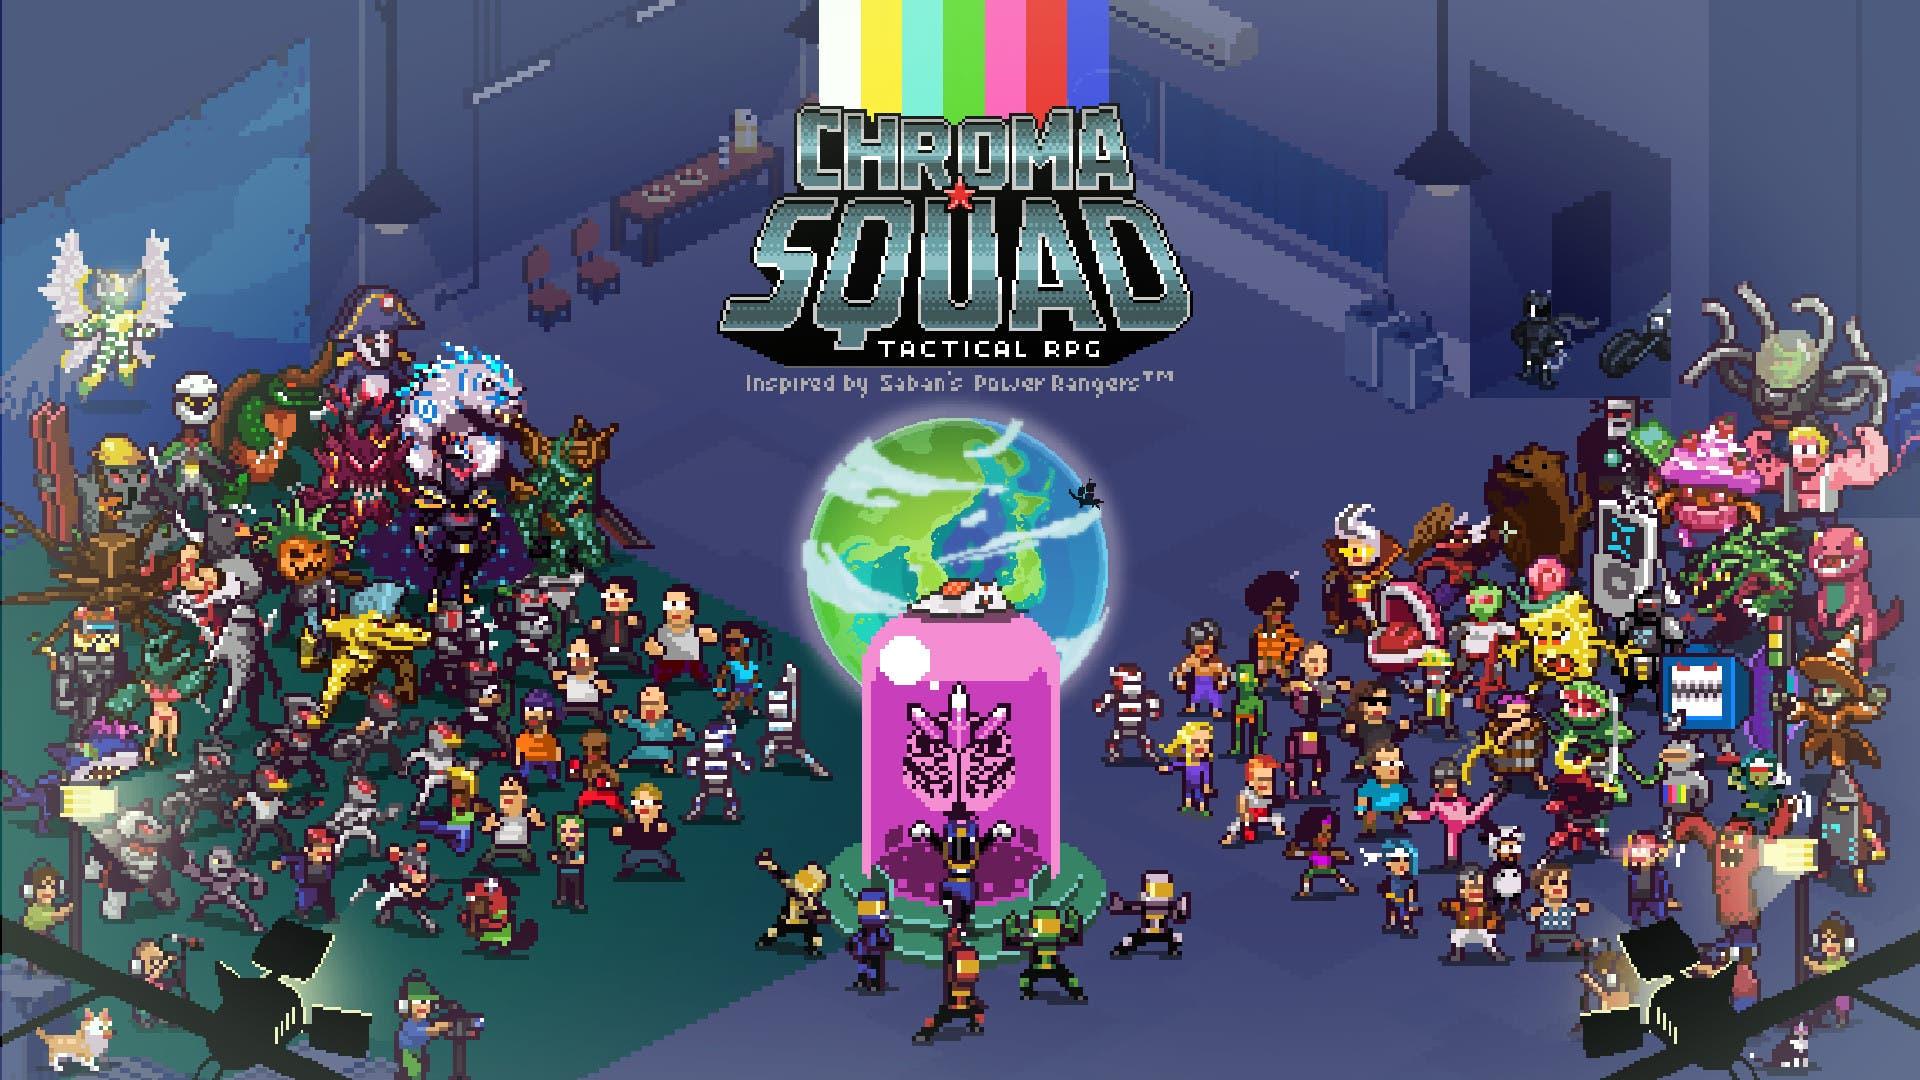 ChromaSquad featured